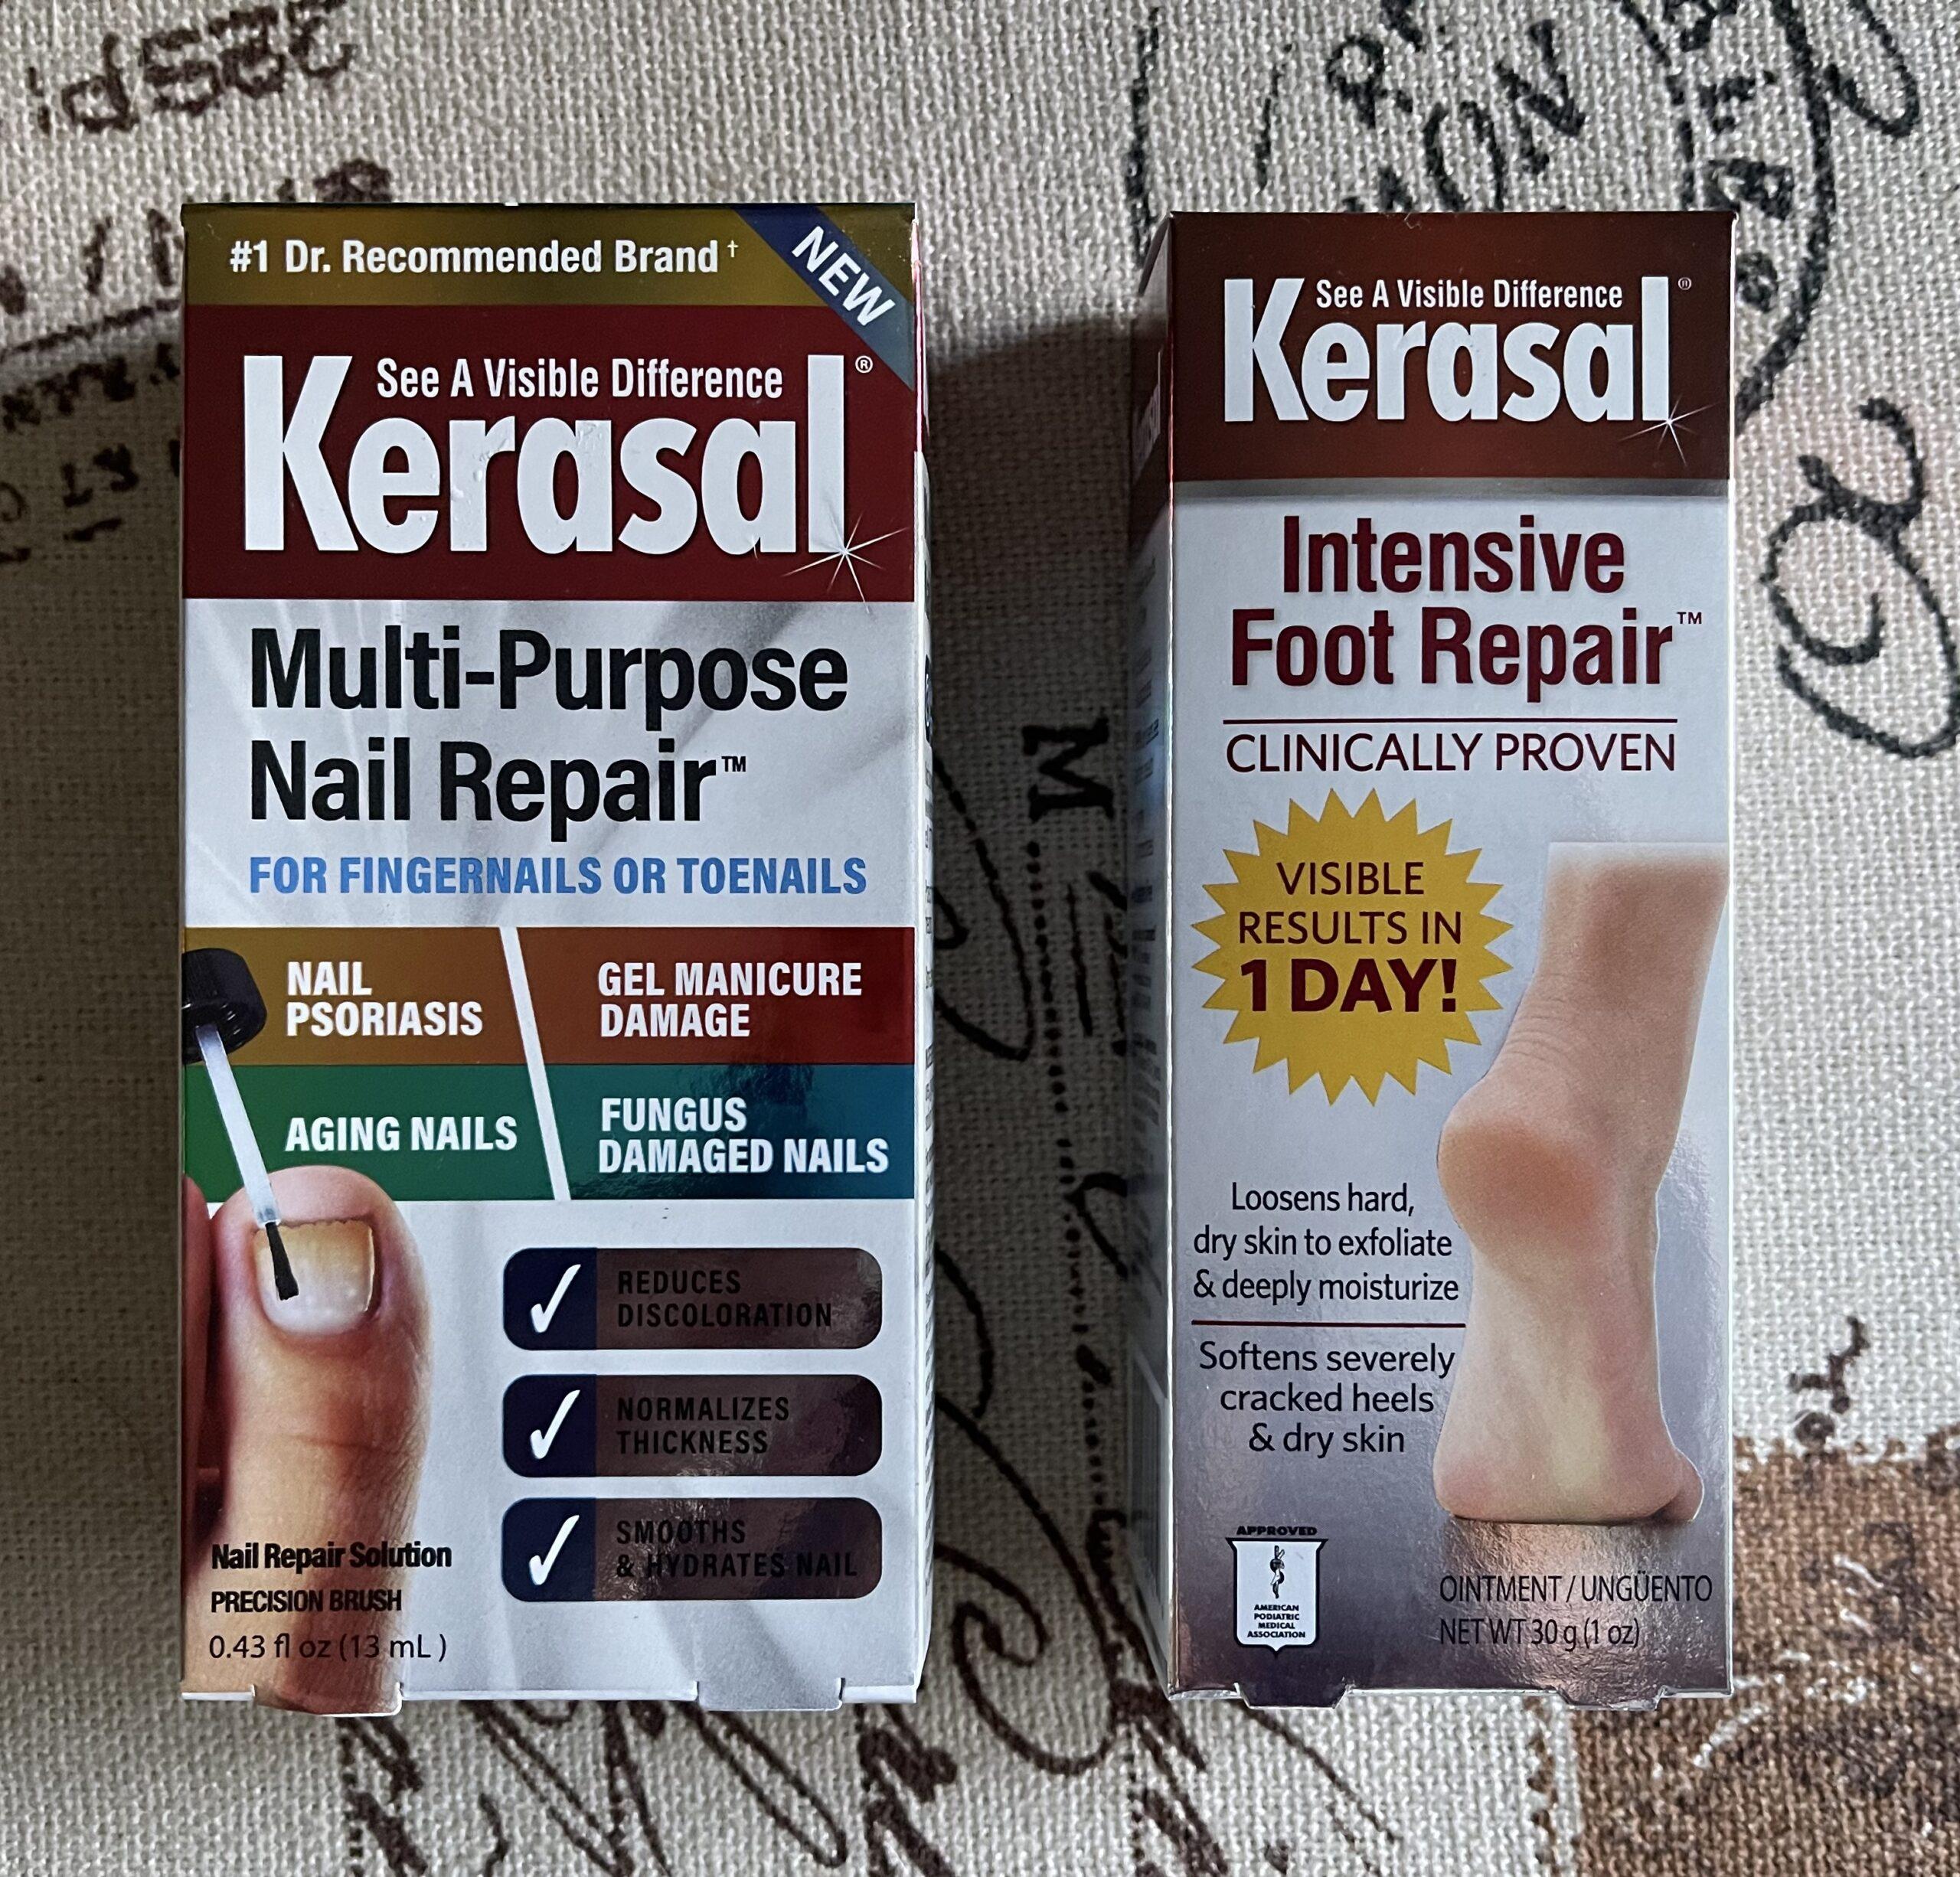 Kerasal, Nails, Nails repair, foot repair